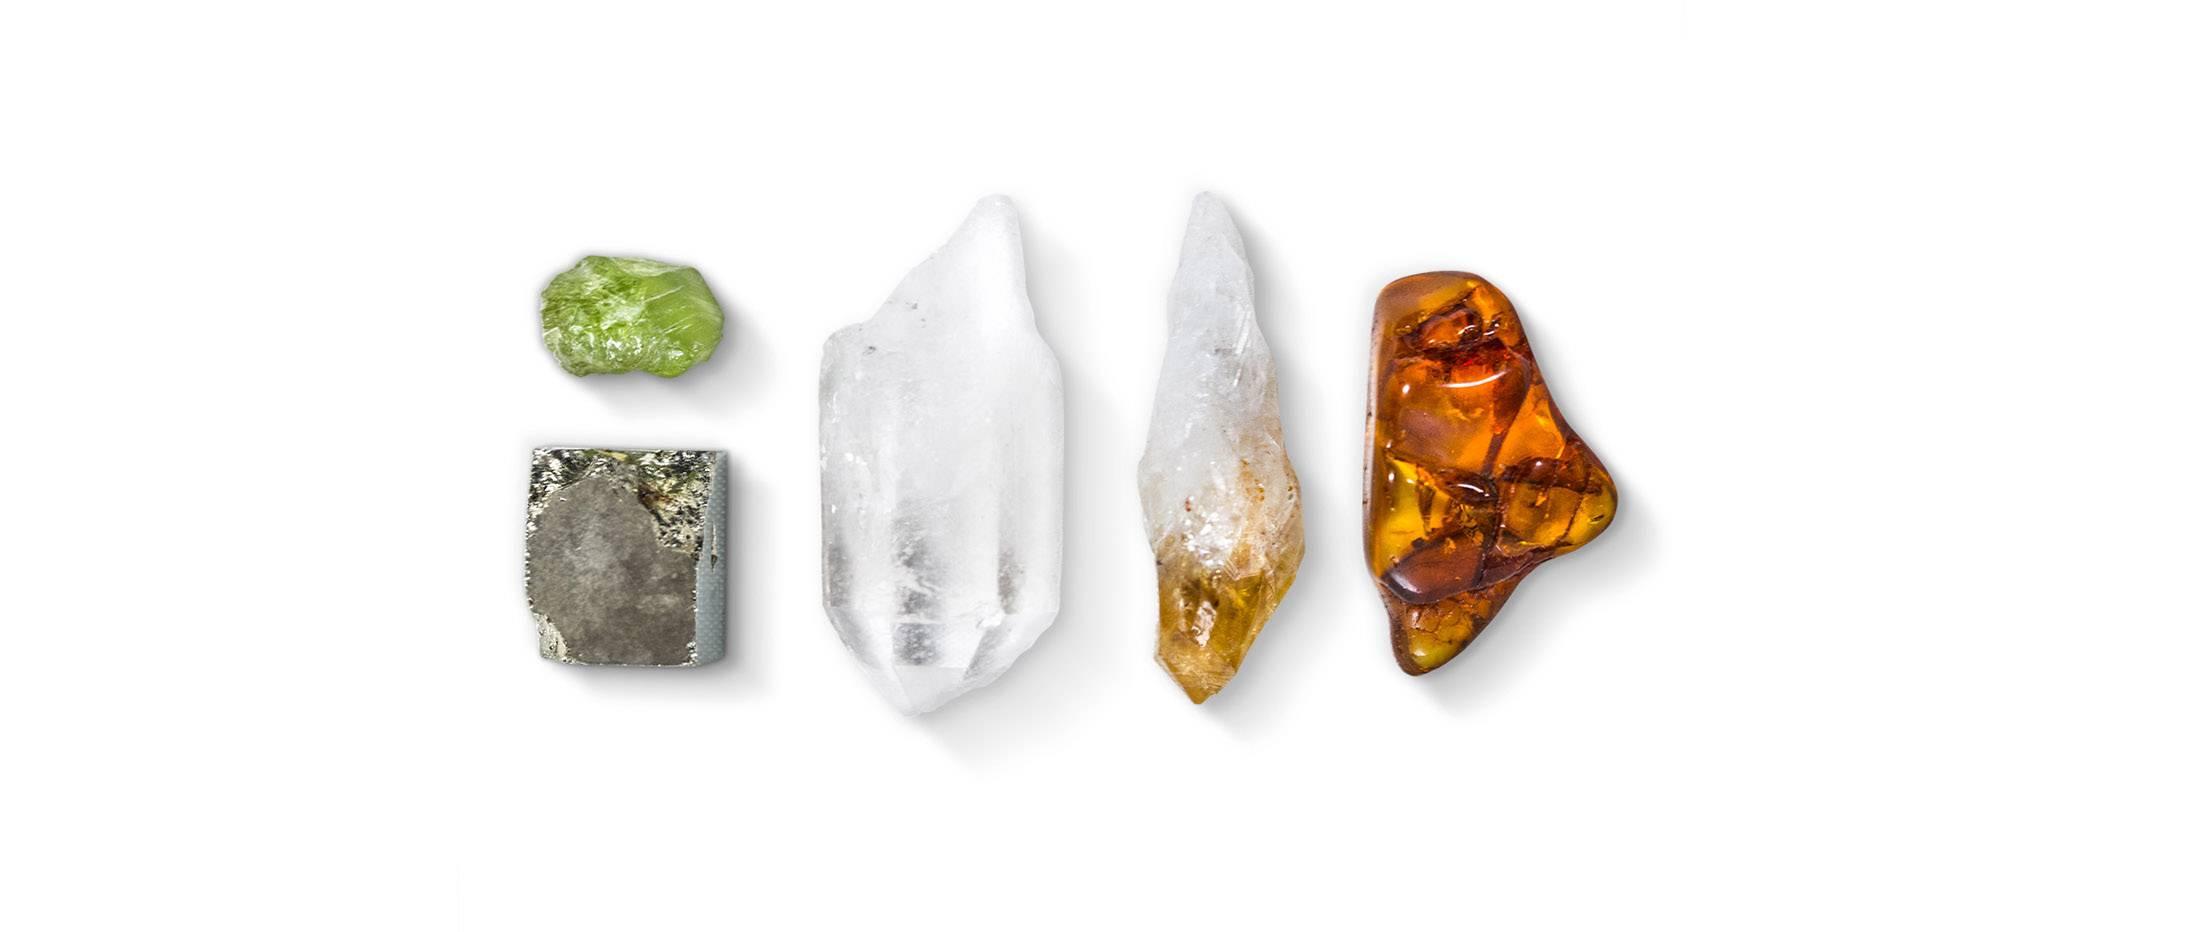 czyszczenie minerałów